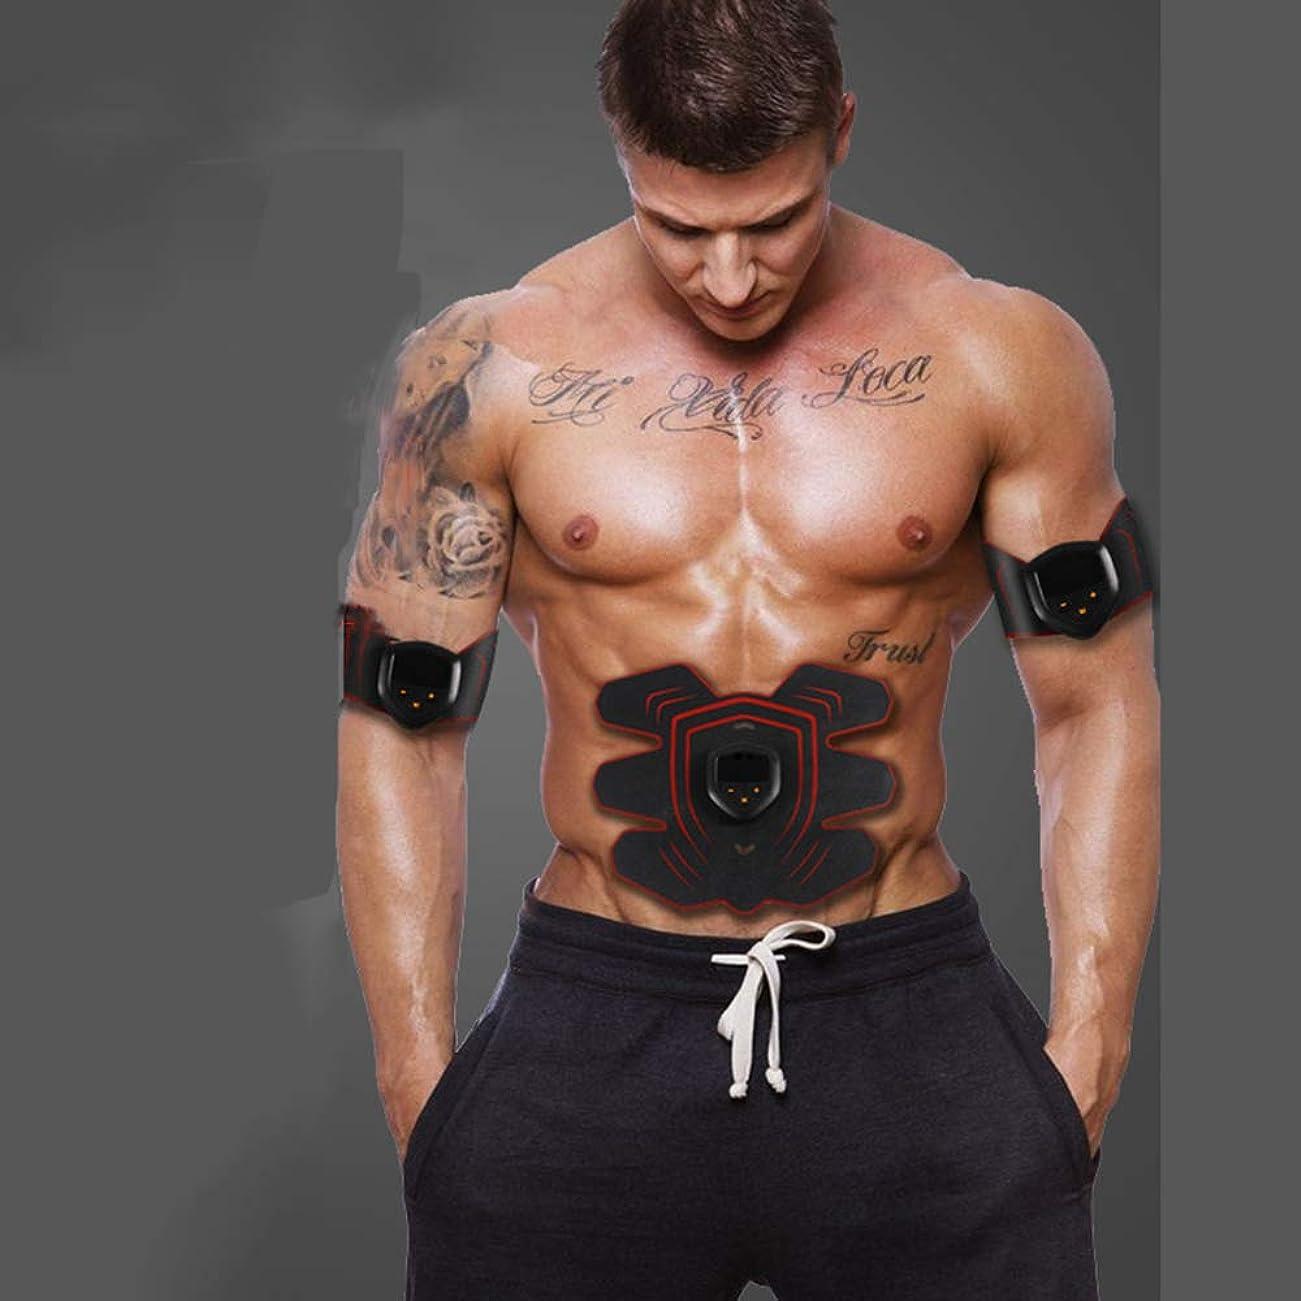 つまずく無謀ただやるUSB電気腹部装置EMS筋肉刺激装置ボディフィットネスマッサージ装置腹筋運動スポーツフィットネス機器ユニセックス